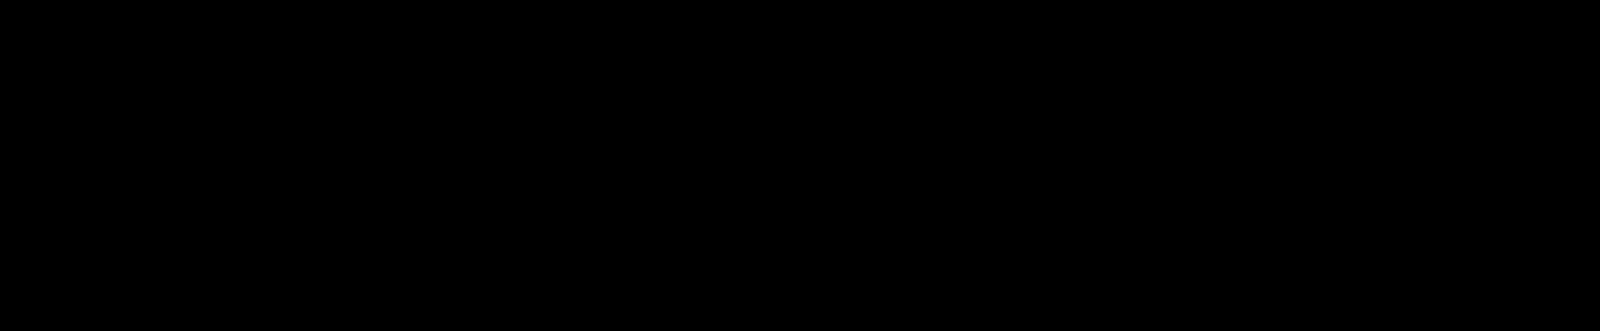 Logo Vell Emporda